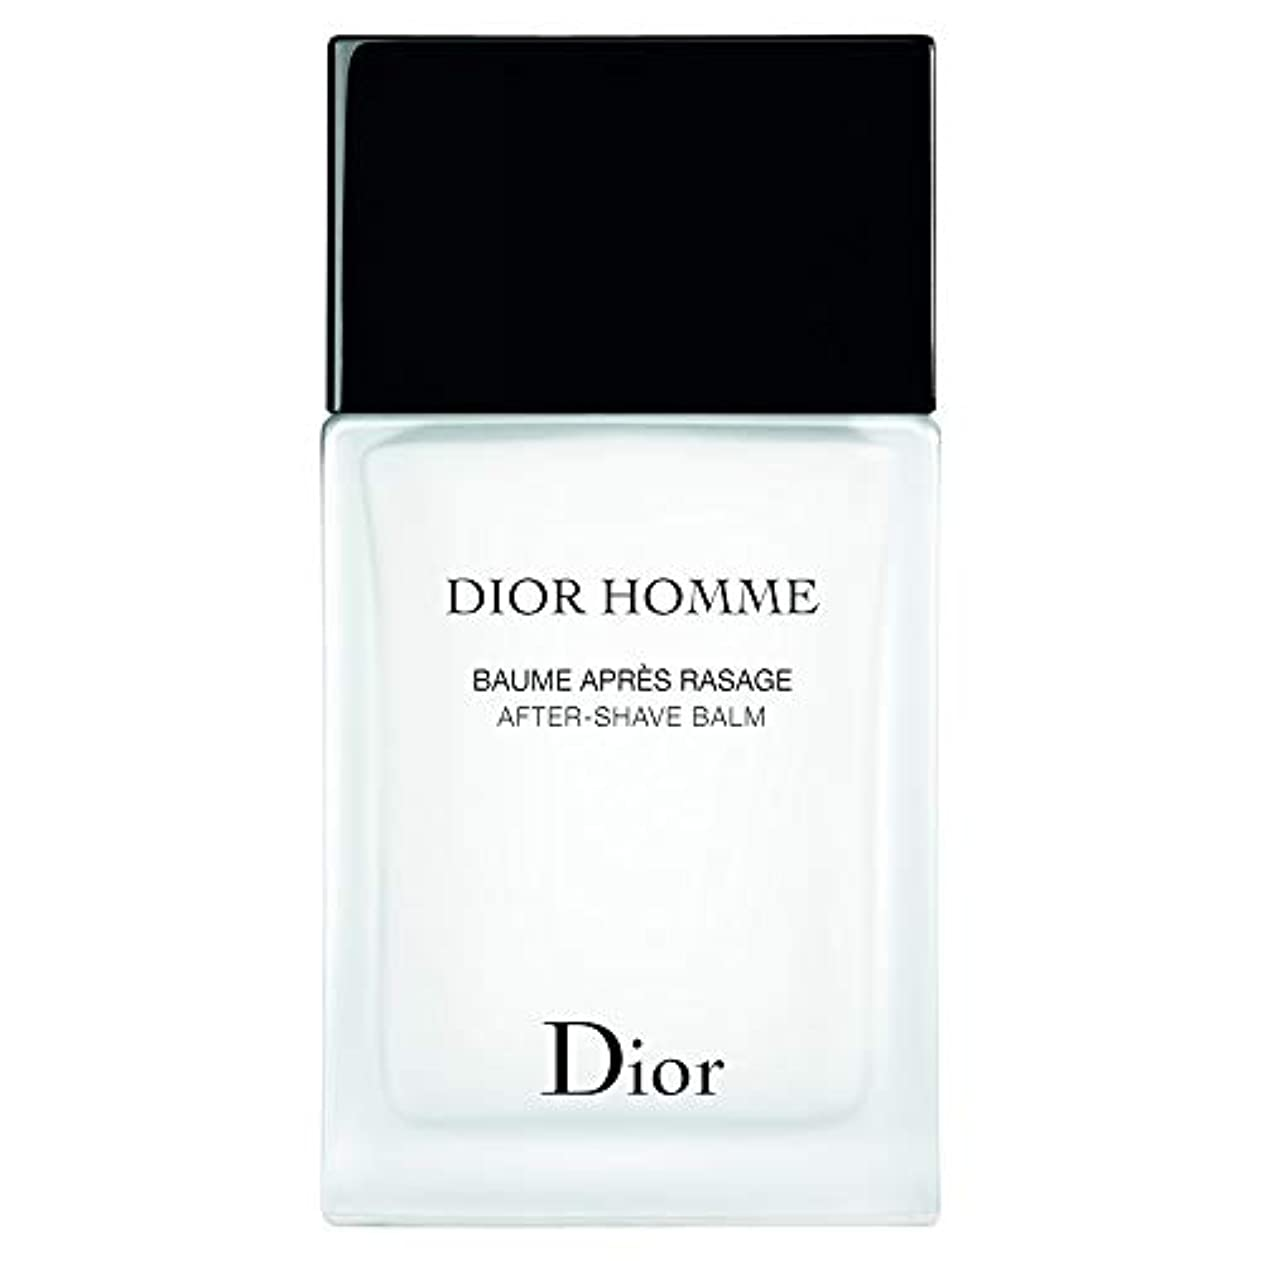 手がかり版項目[Dior] ディオールオムアフターシェーブバーム100ミリリットル - Dior Homme After-Shave Balm 100ml [並行輸入品]